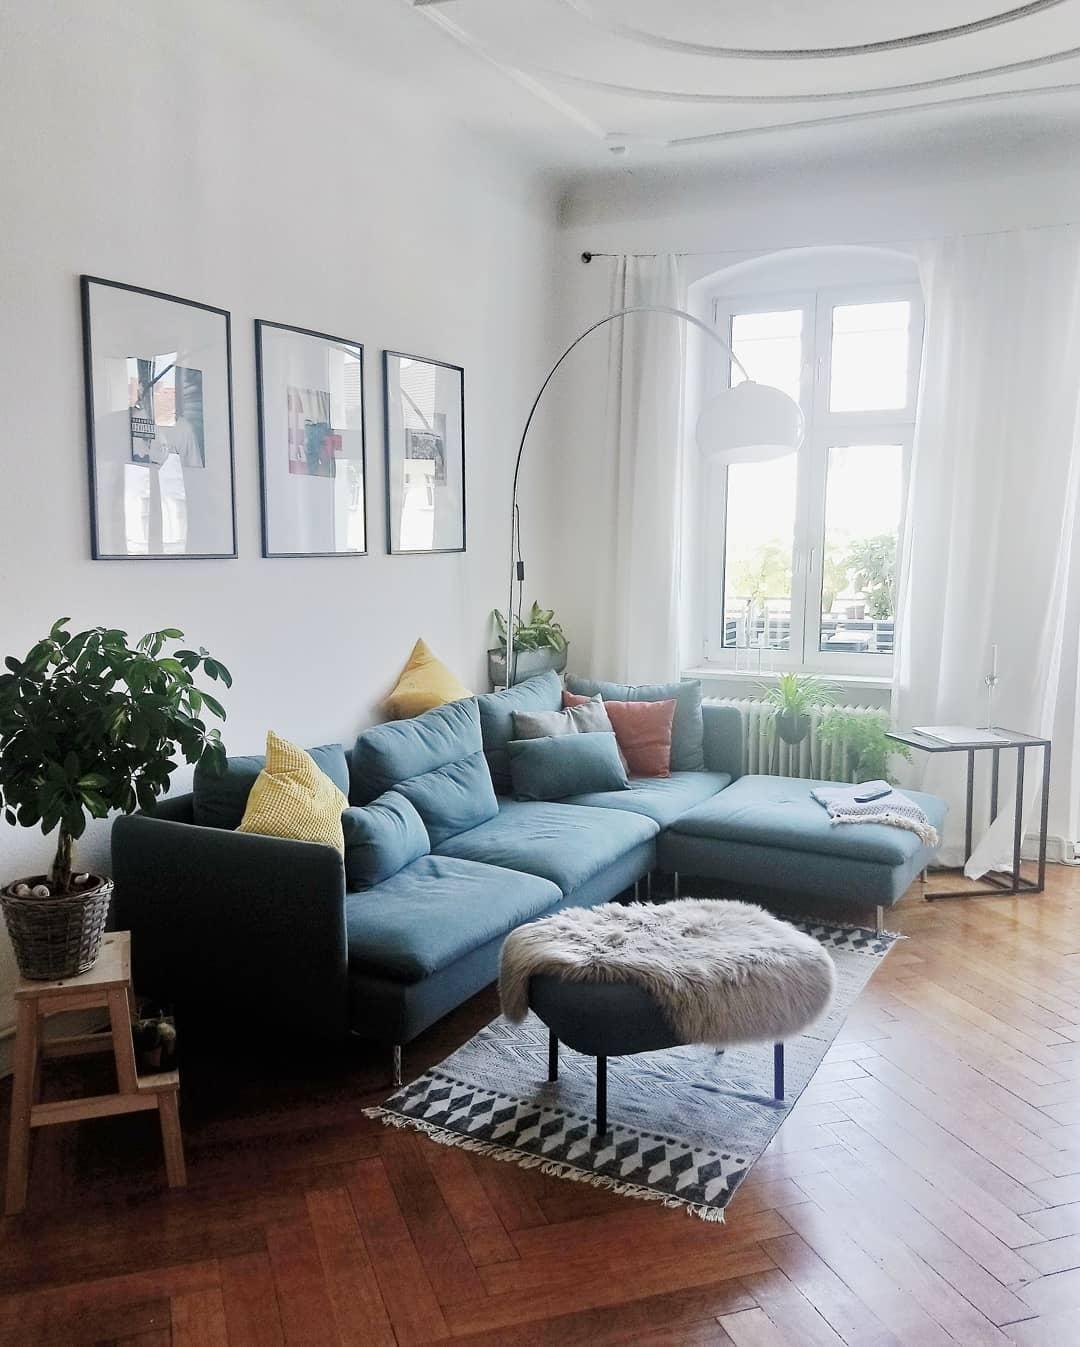 Akute Trend Diagnose Ethno Fieber Unser Wundermittel Wir Verschreiben Dir Teppich Block Wohnzimmer Dekor Modern Wohnzimmer Farbe Kleine Wohnung Wohnzimmer